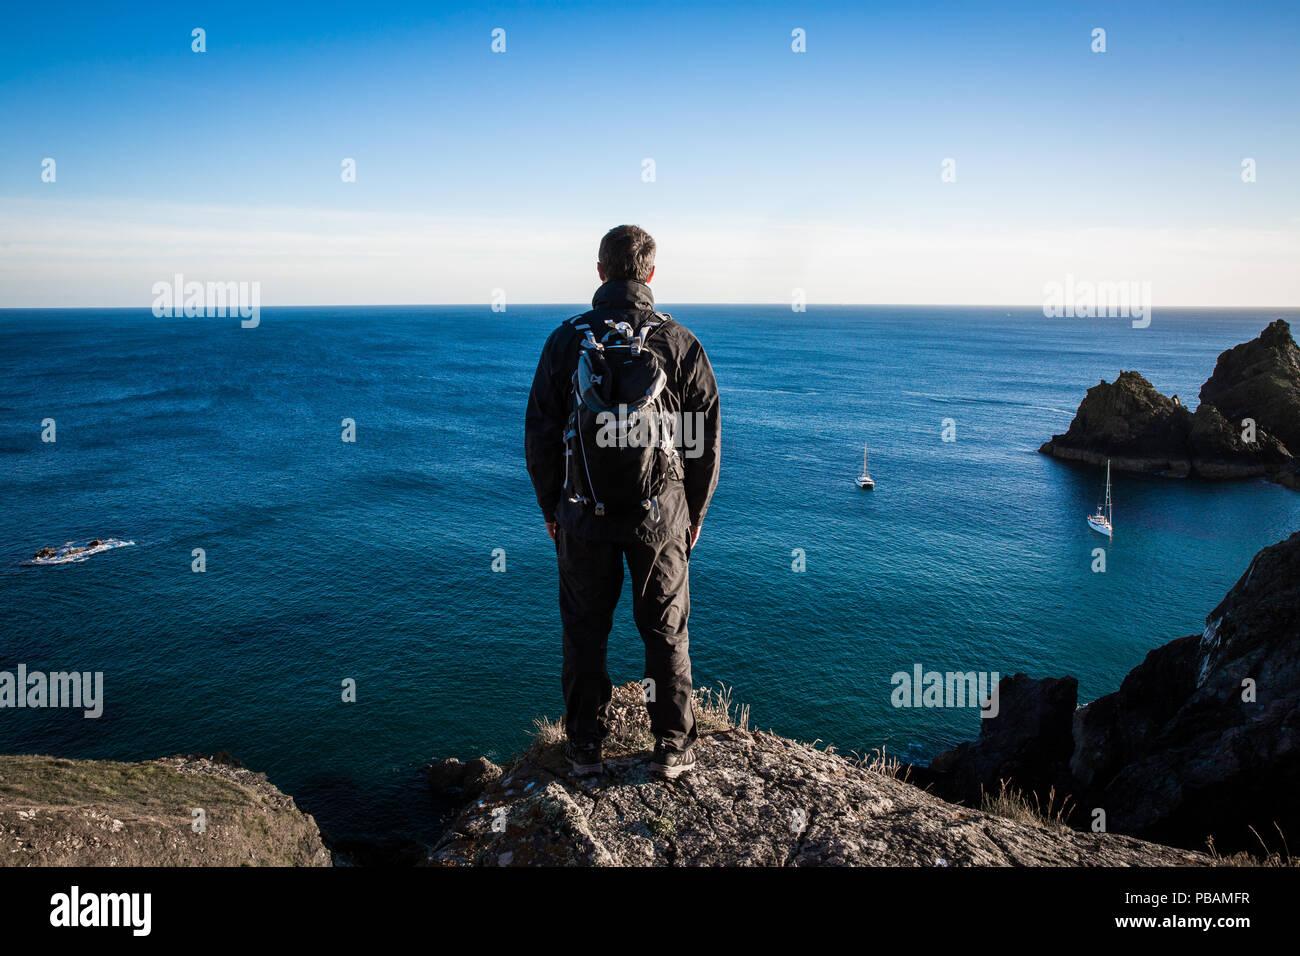 Eine Rückansicht eines männlichen Backpacker oder Wanderer steht auf einer hohen Klippe und bewundern Sie die atemberaubende Meerblick Stockbild